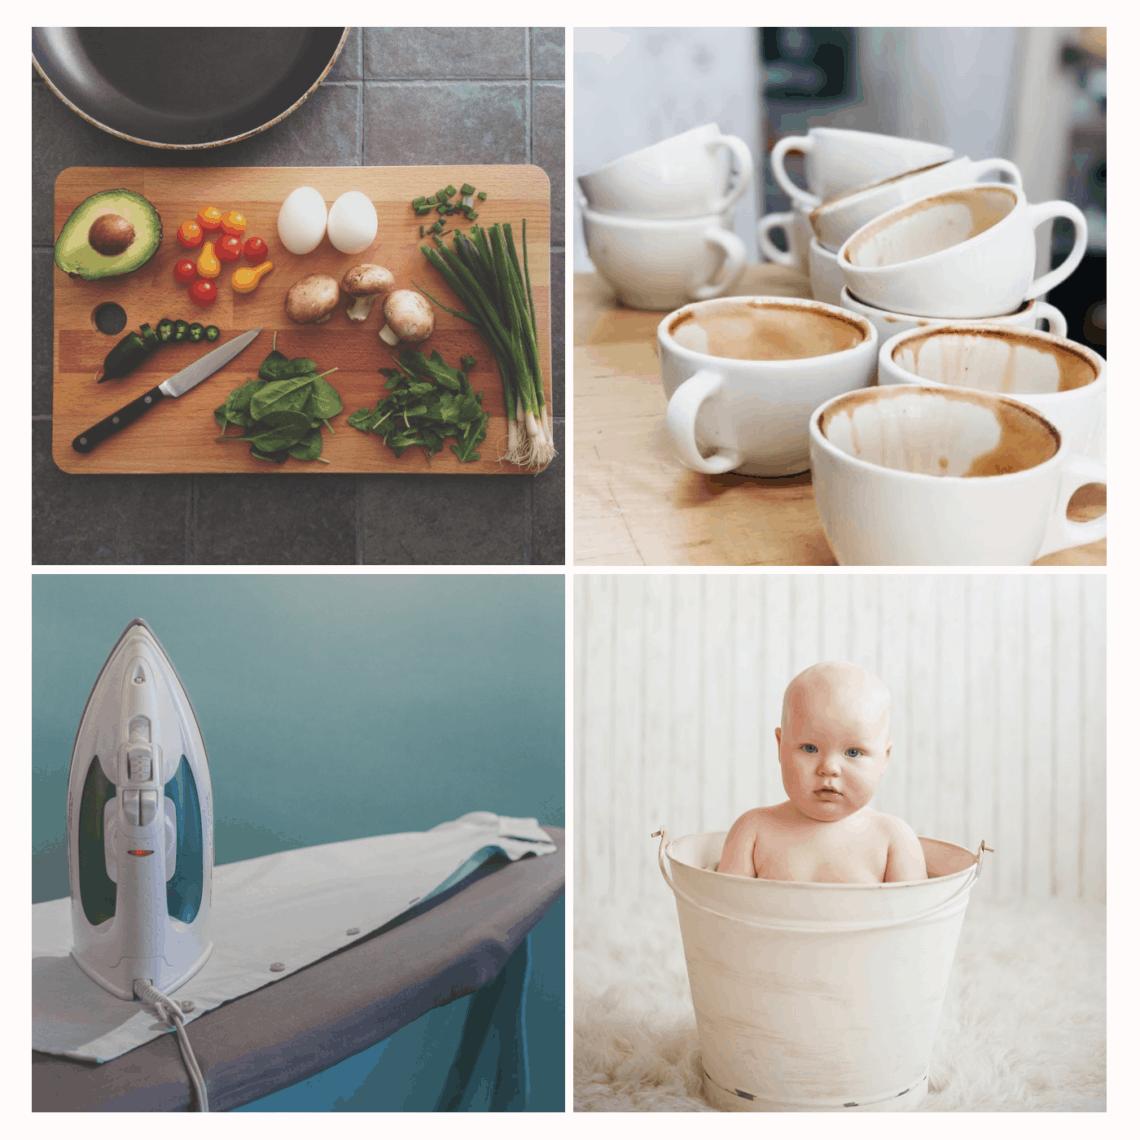 partage des tâches couple ménage cuisine enfants charge mentale blog maman blog famille recomposée blog les petits ruisseaux font les grandes rivieres blog PRGR https://prgr.fr